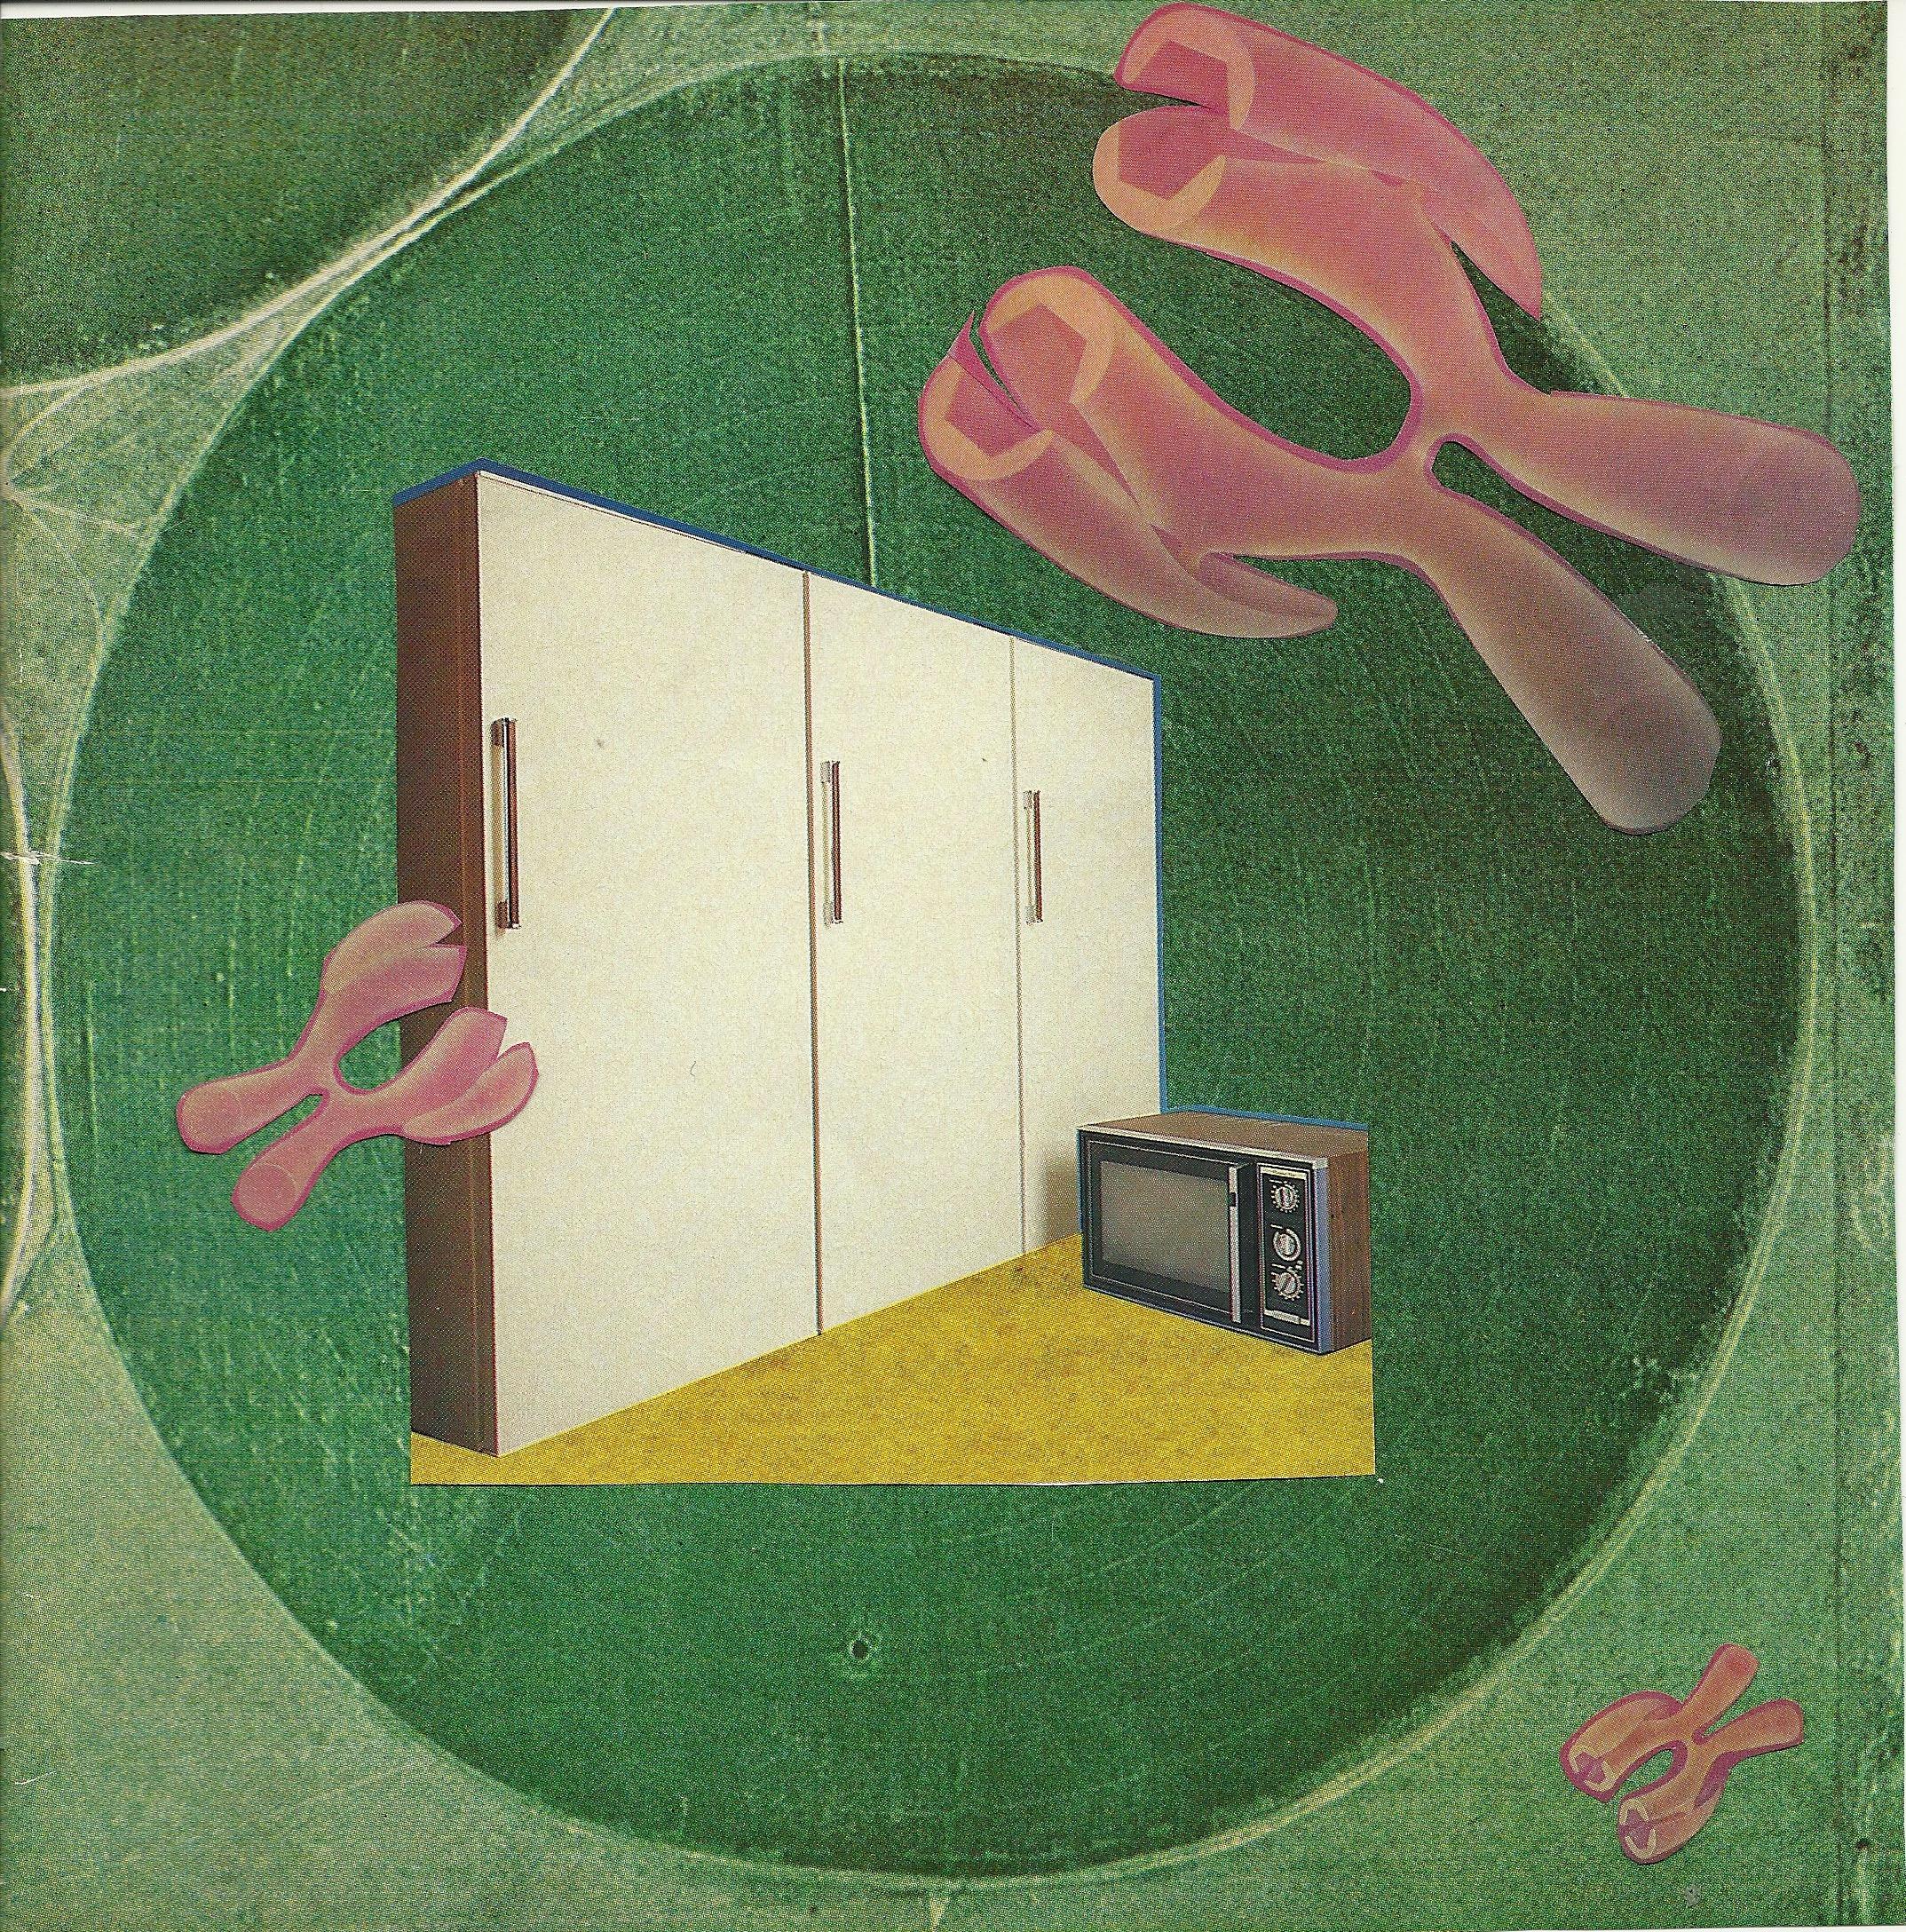 appliance date.jpeg